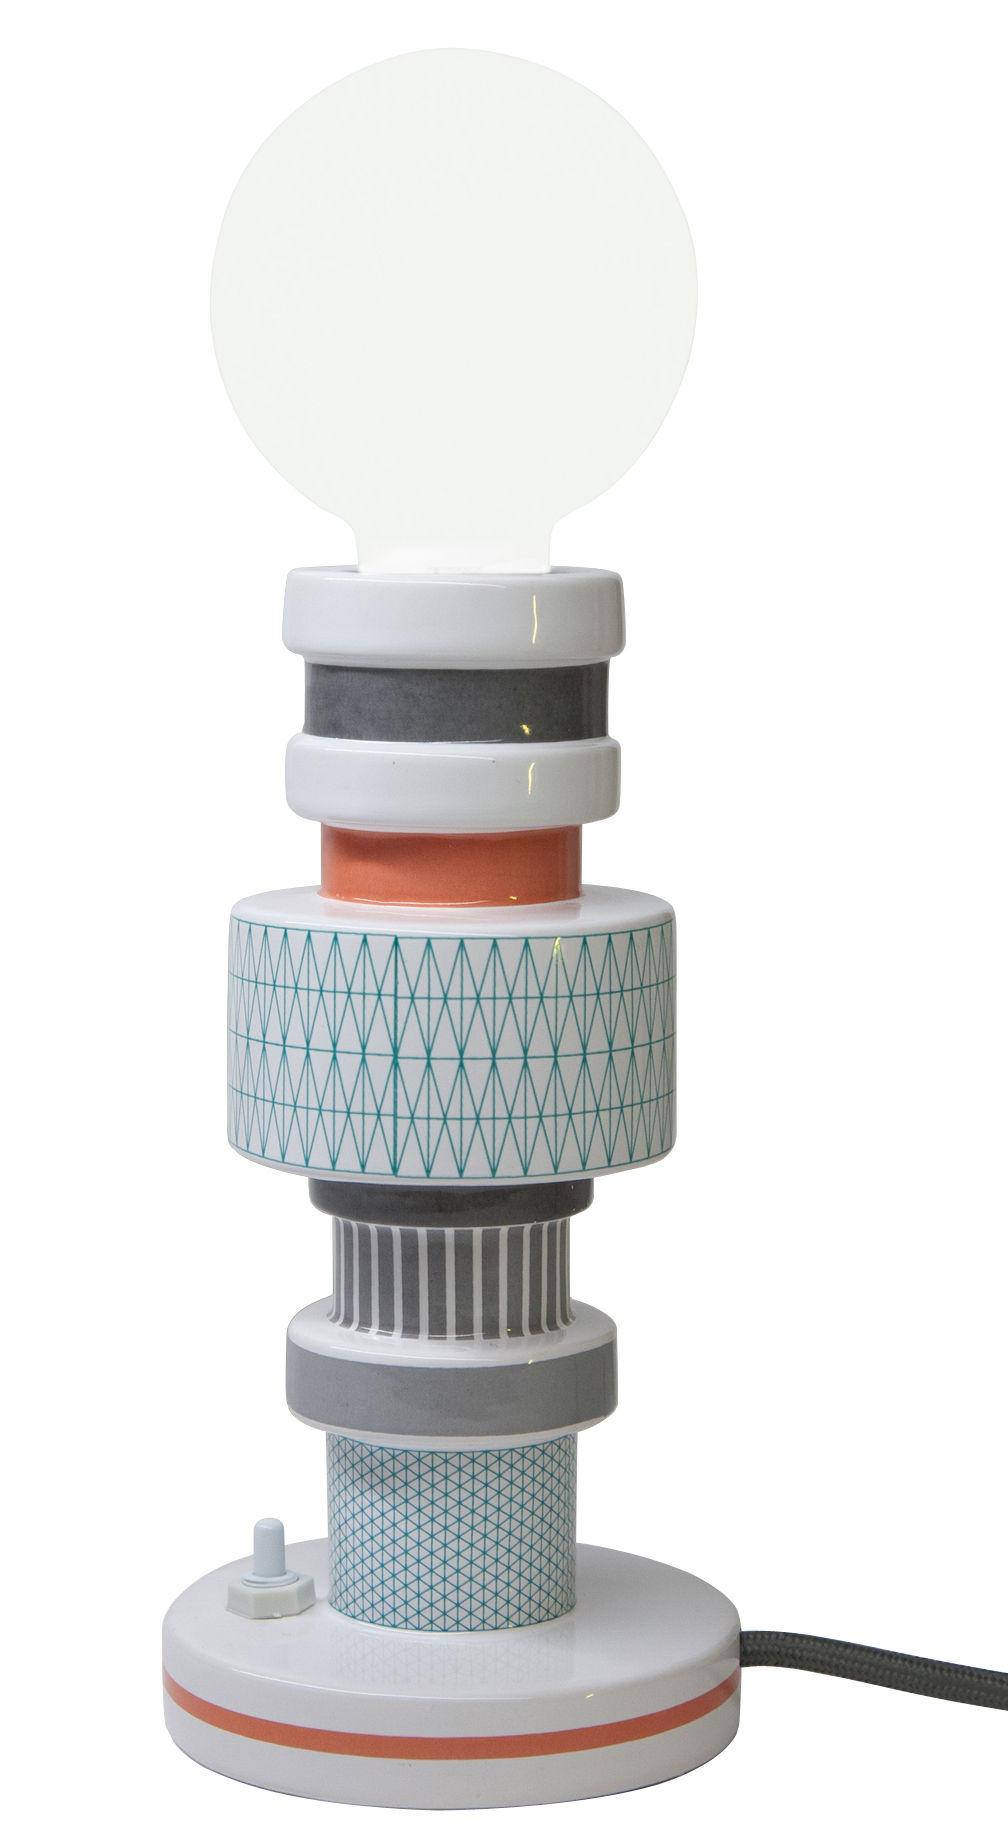 Leuchten - Tischleuchten - Moresque Tischleuchte / Porzellan - Seletti - Motiv